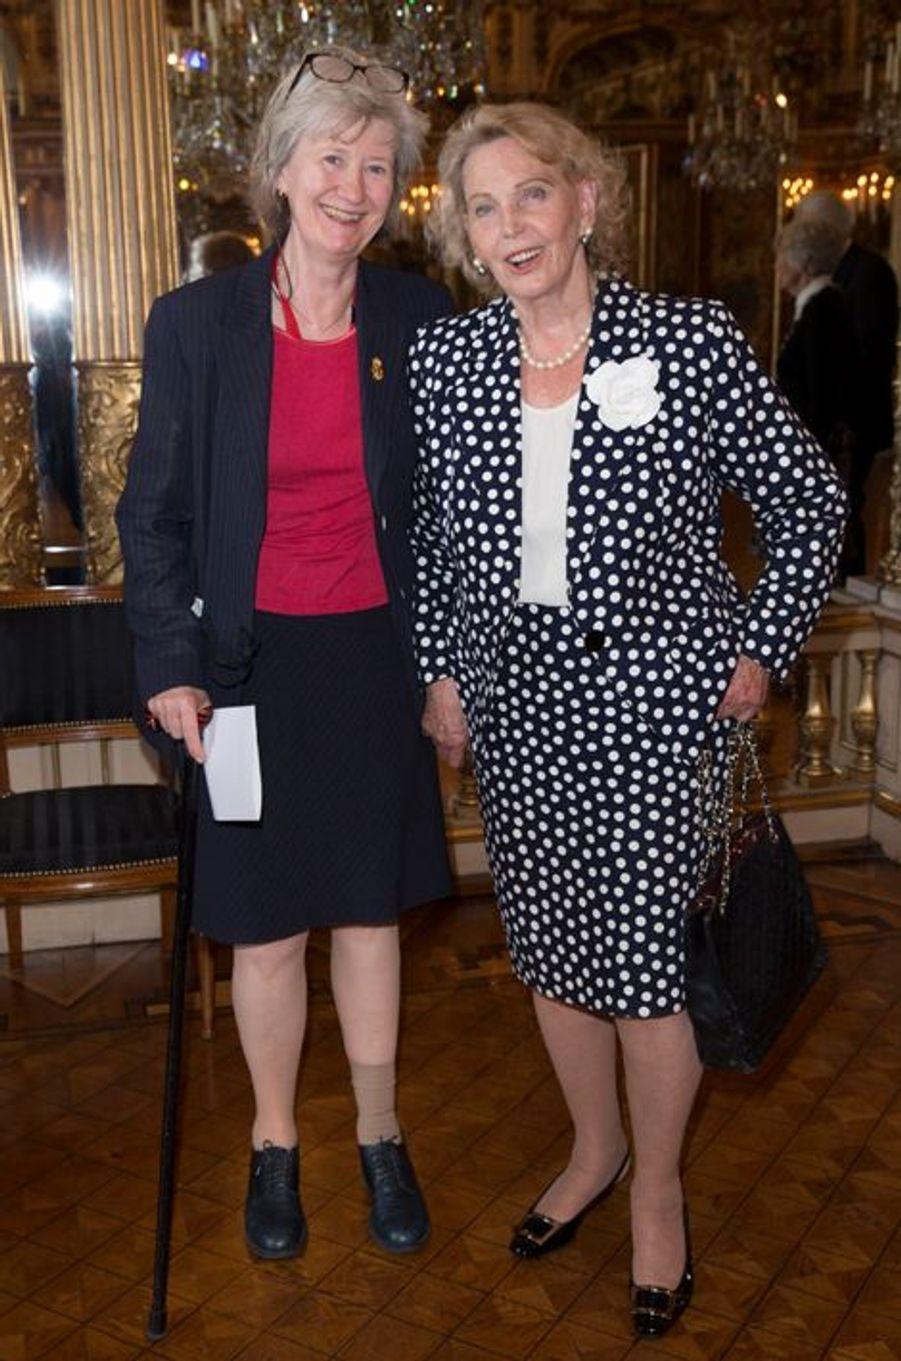 La comtesse Marianne Bernadotte (à droite), veuve de l'un des oncles du roi de Suède, à Stockholm le 29 août 2015